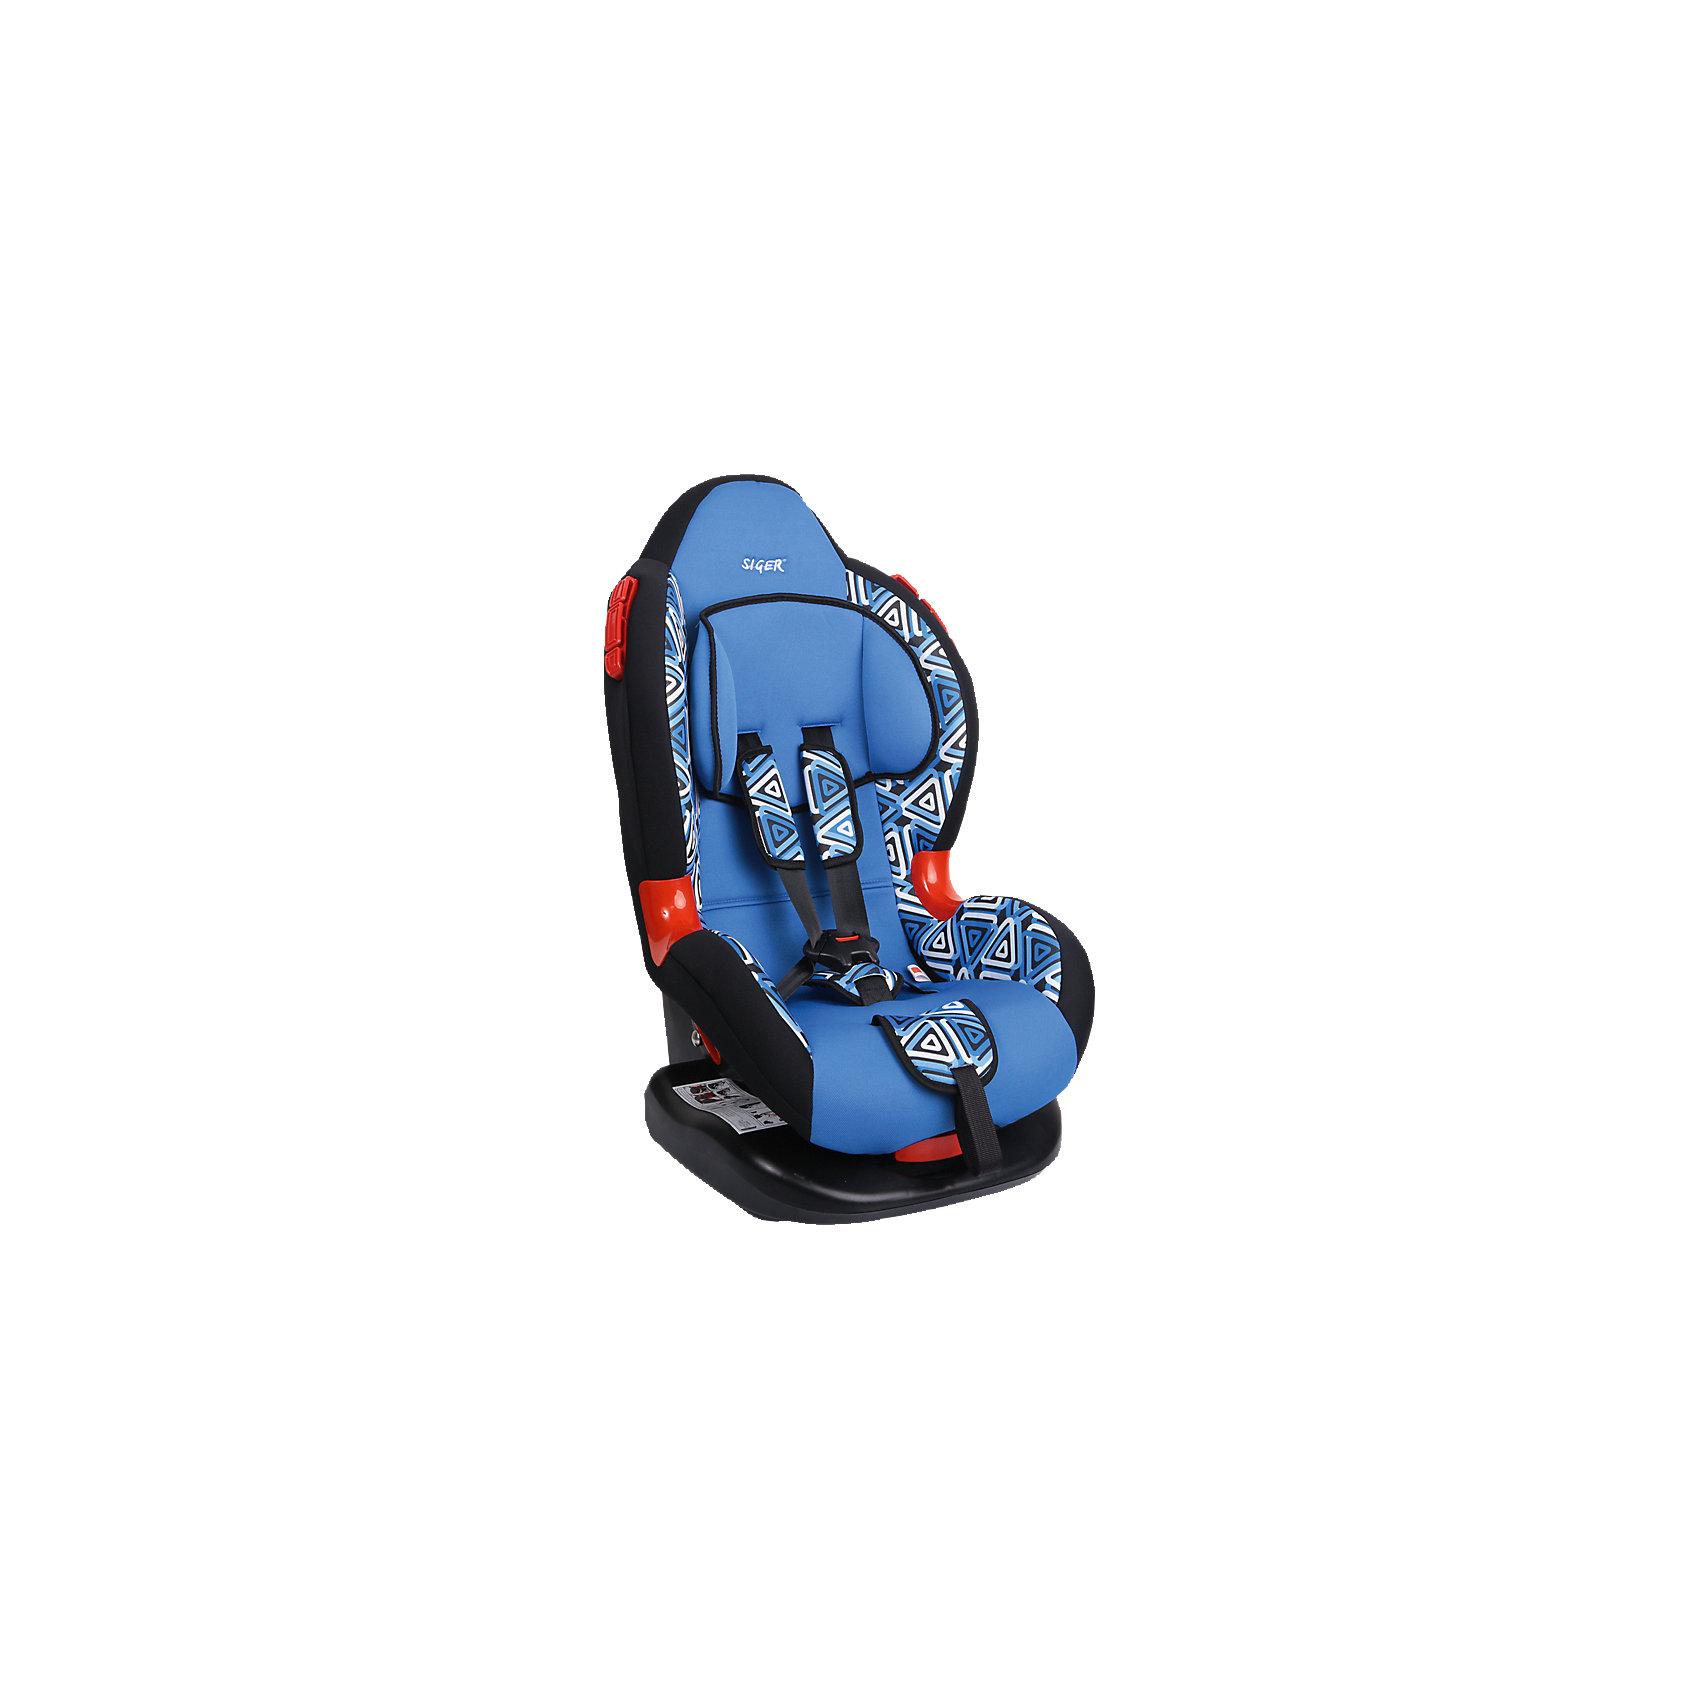 Автокресло Siger Кокон Art, 9-25 кг, геометрияГруппа 1-2 (От 9 до 25 кг)<br>Автокресло Кокон Art - прекрасный вариант для отдыха и путешествий для уже подросших малышей. Ортопедическая спинка, уникальная форма мягкого подголовника ,замок внутренних ремней с повышенной надежностью, 2 позиции прохождения штатного ремня обеспечивают удобство и надежную защиту вашего ребенка. Спинка регулируется в 6 положениях, что позволяет креслу адаптироваться под наклон сидений автомобиля. Округлая форма сиденья предохраняет ножки малышей от затекания и натирания в процессе езды. Модель имеет внутренние 5- титочечные ремни безопасности с мягкими внутренними накладками для еще большего комфорта. Износостойкие вставки для внутренних ремней для еще большей прочности и красоты. Кресло выполнено из высококачественных материалов, съемный  чехол прекрасно стирается в машине или же руками.<br><br>Дополнительная информация:<br><br>- Материал: пластик, текстиль.<br>- Вес ребенка: 9-25 кг. ( 1-7 лет).<br>- Группа 1-2.<br>- Ширина: 45,5 см.<br>- Глубина: 78 см.<br>- Глубина посадочного места: 50,5 см.<br>- Вес кресла: 7 кг.<br>- Регулировка ремней и плечевых лямок.<br>- 5- титочечные ремни безопасности.<br>- Ортопедическая спинка.<br>- Цвет: синий, принт - геометрия. <br>- Стирка: ручная, машинная ( при 30 ? ).<br>- Способ установки: лицом вперед.<br><br>Автокресло Кокон Art, 9-25 кг., Siger (Сигер), геометрия можно купить в нашем магазине.<br><br>Ширина мм: 505<br>Глубина мм: 455<br>Высота мм: 780<br>Вес г: 7000<br>Возраст от месяцев: 12<br>Возраст до месяцев: 84<br>Пол: Унисекс<br>Возраст: Детский<br>SKU: 3999732